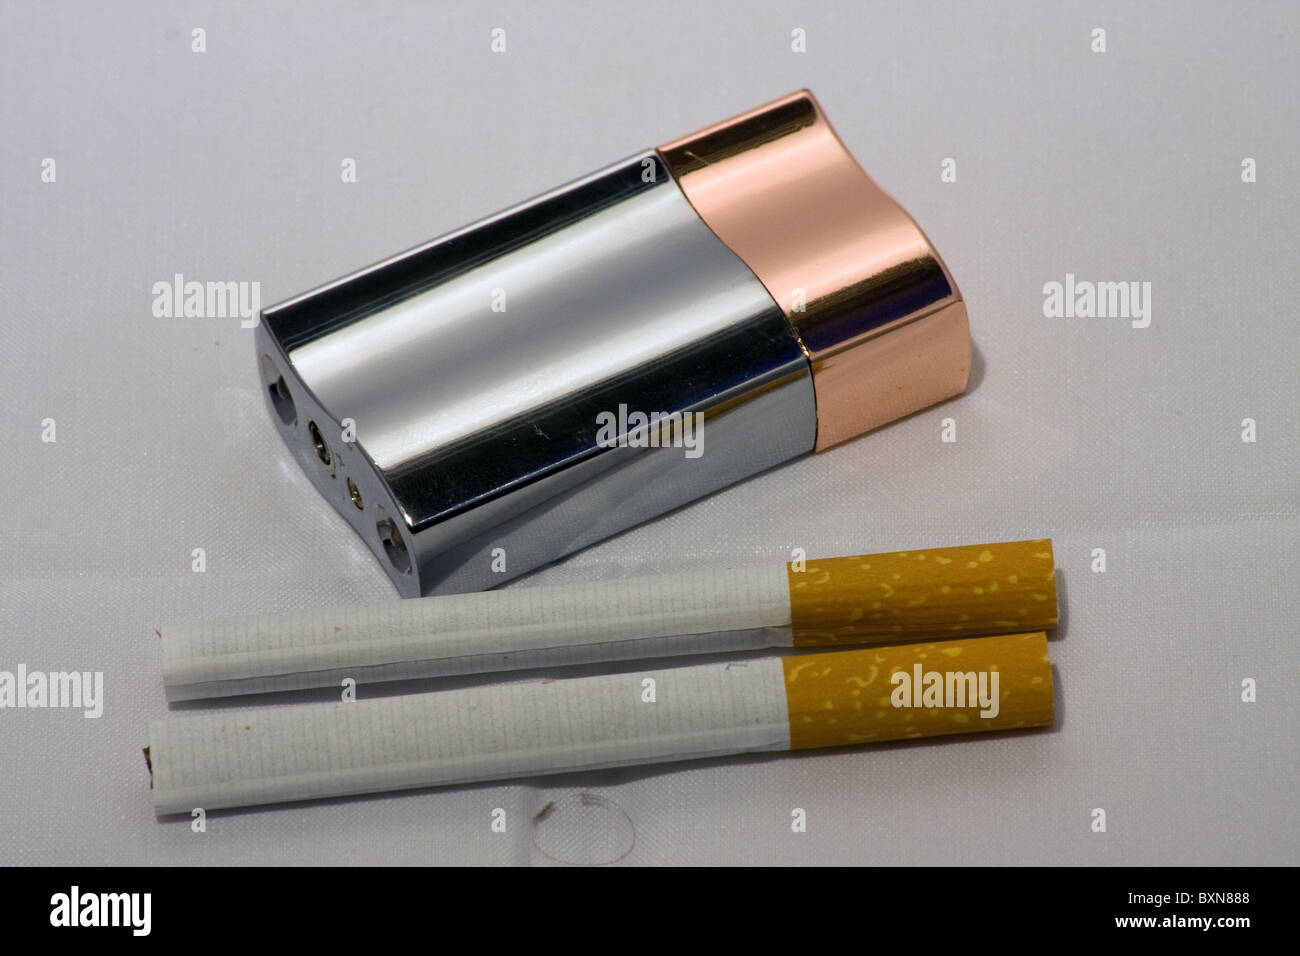 Cigarettes brands California list